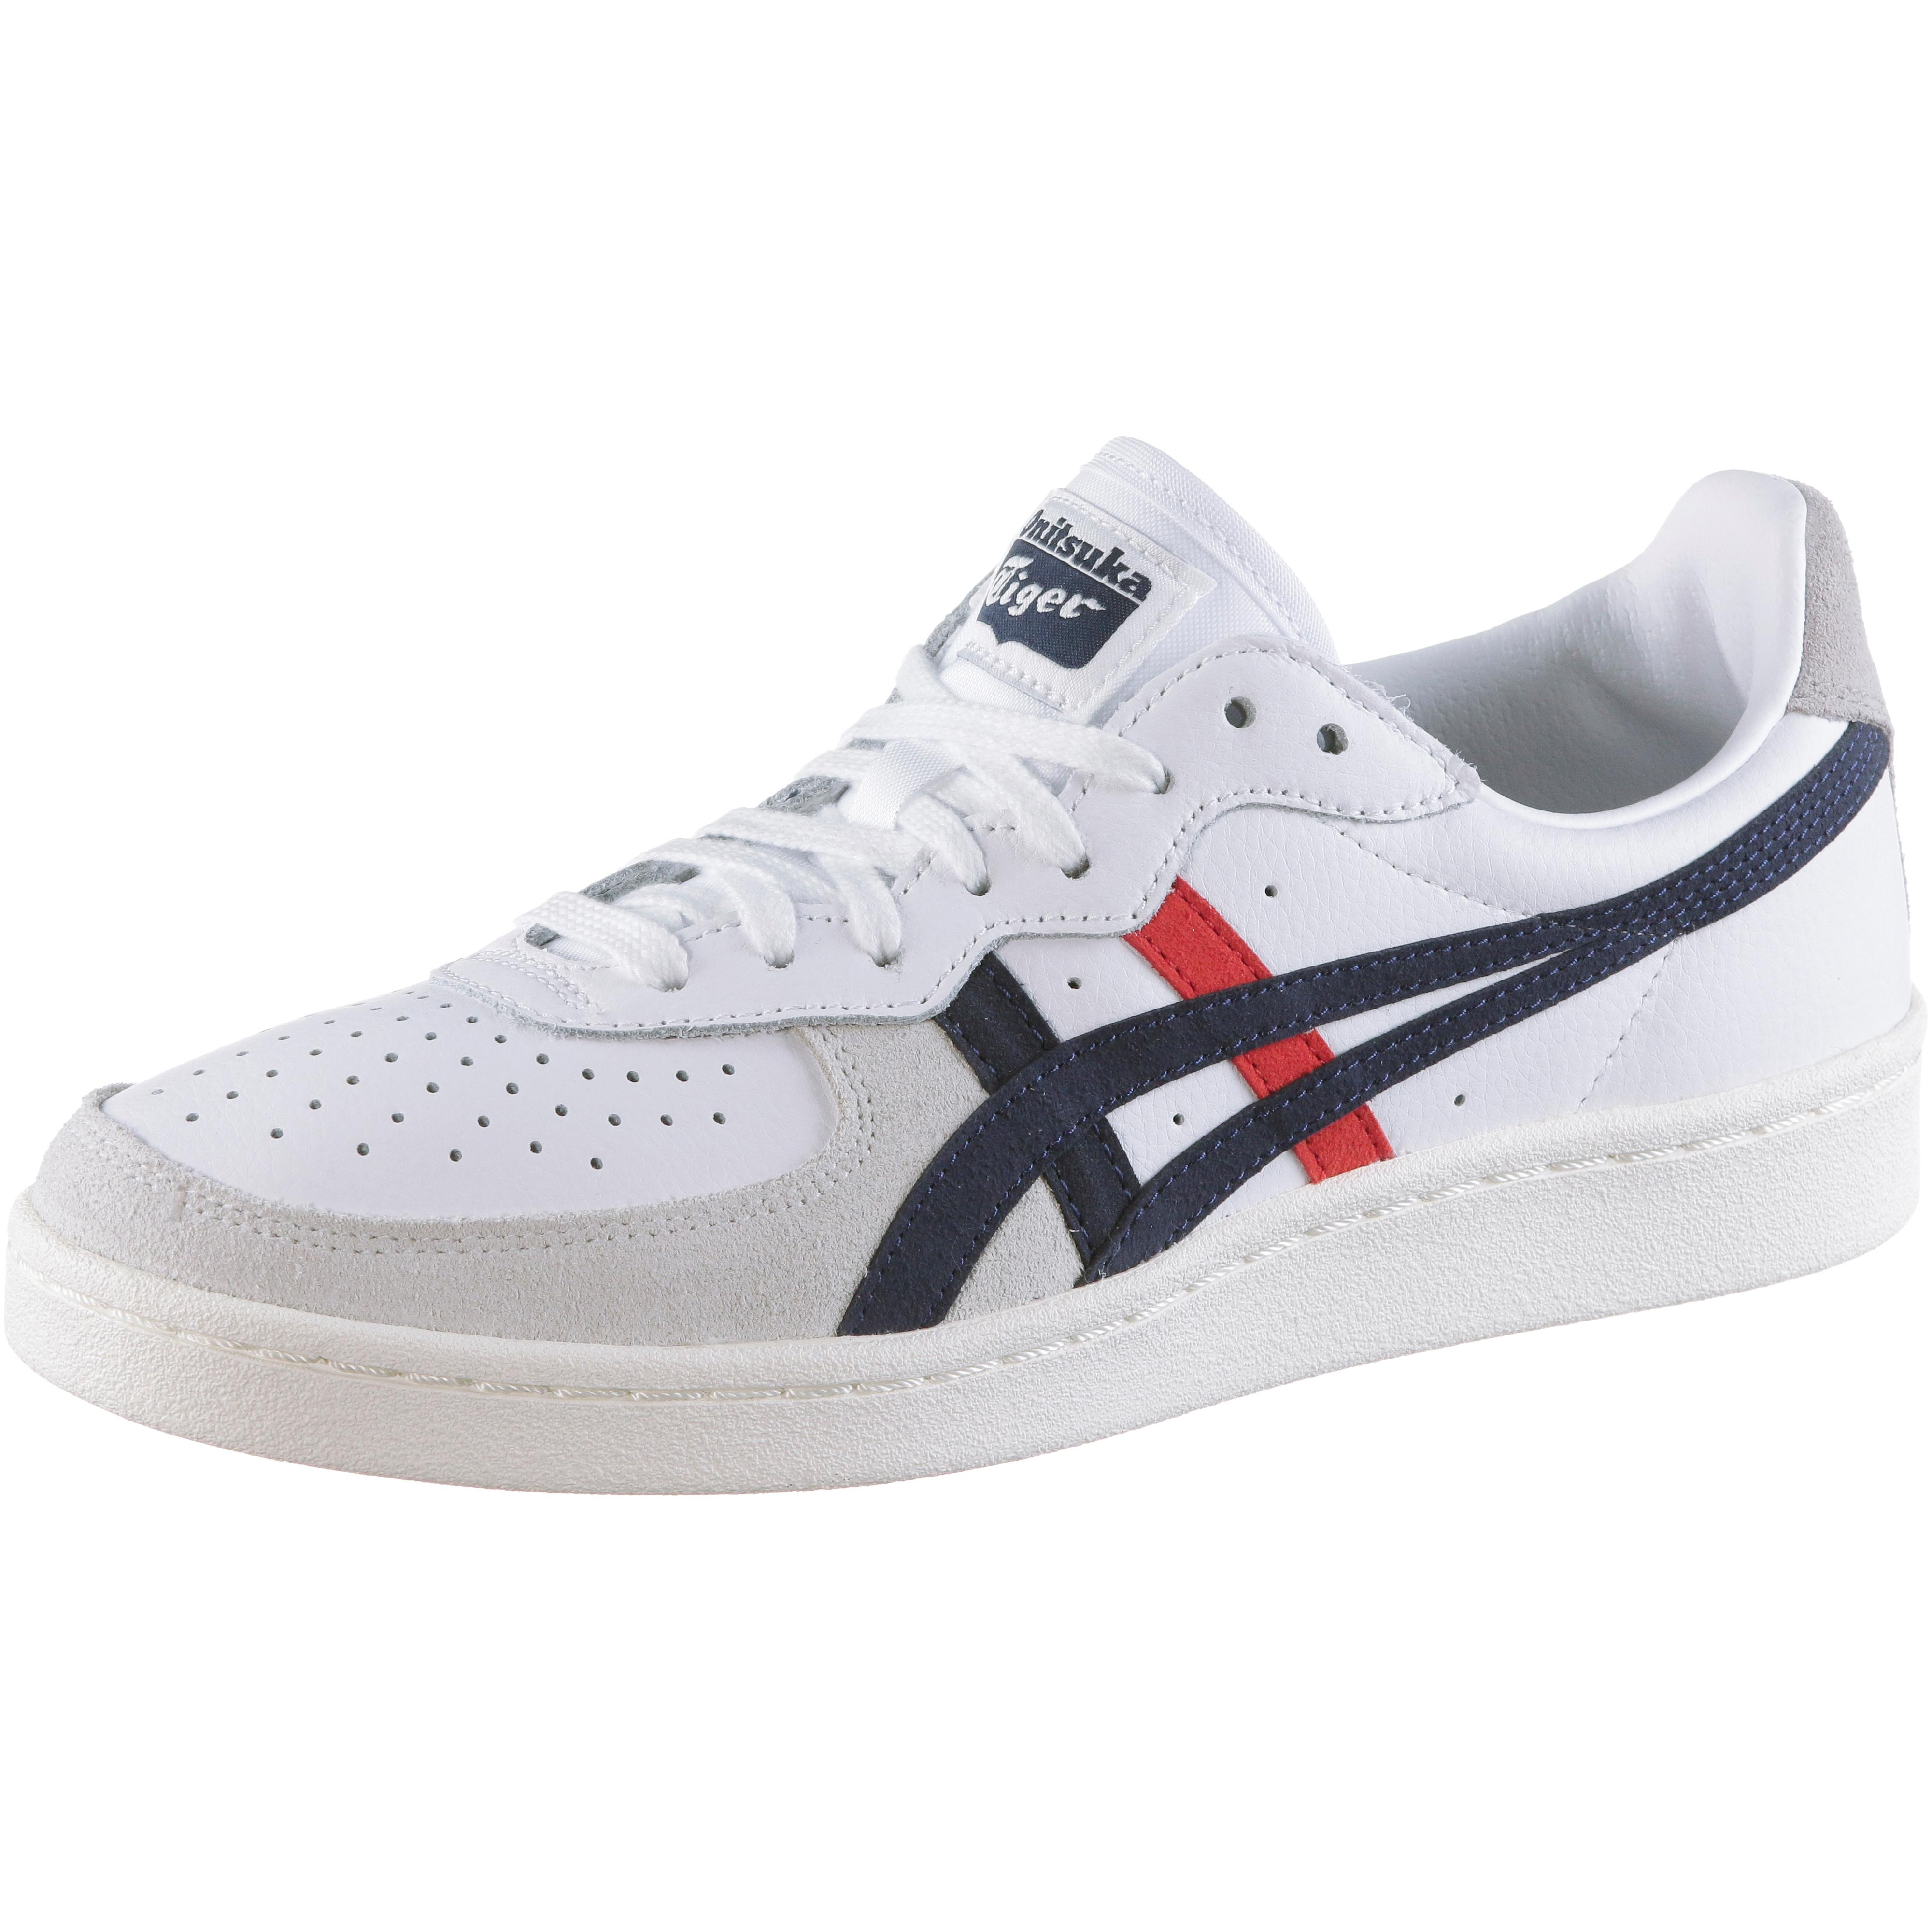 ASICS GSM Sneaker Damen white-peacoat im Online Shop von SportScheck kaufen